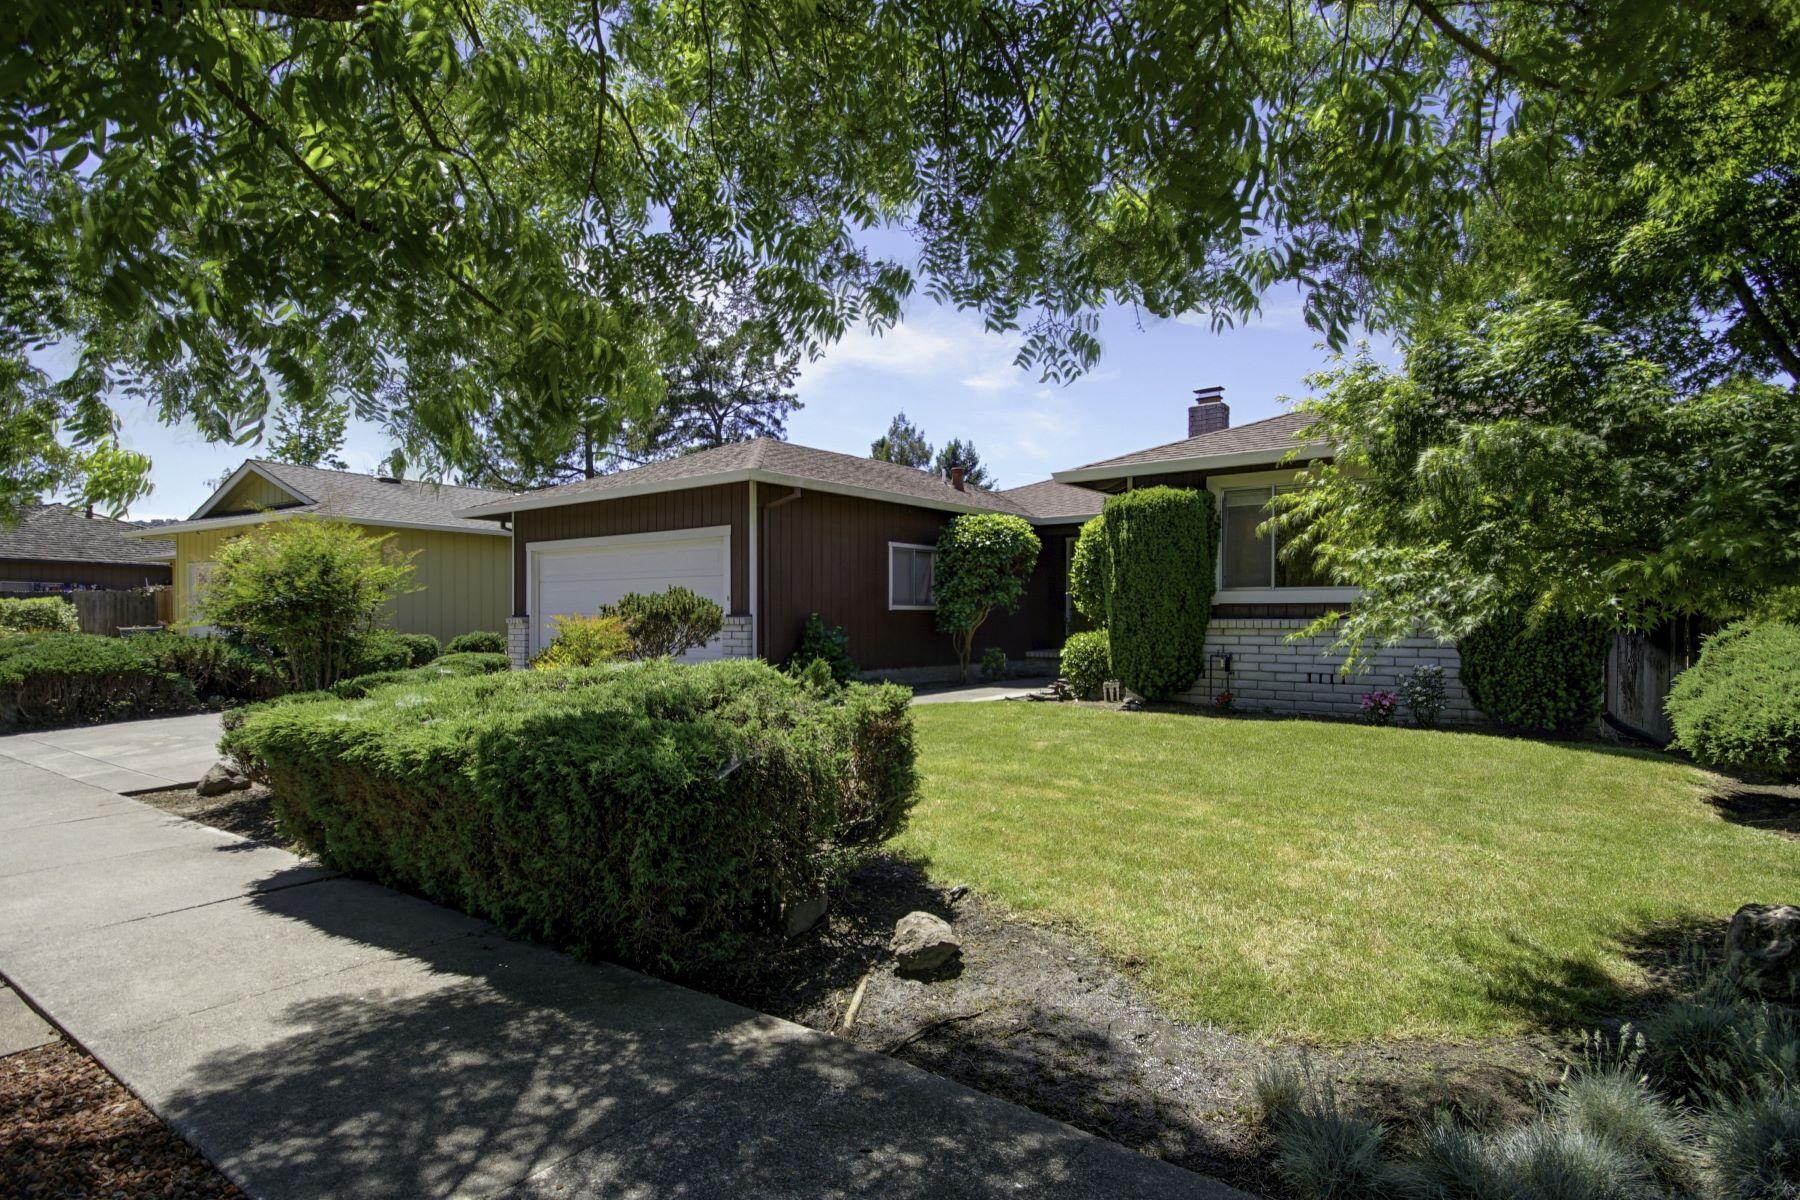 独户住宅 为 销售 在 Bennet Valley Single Story Home 2412 Horseshoe Drive 圣罗莎, 加利福尼亚州, 95405 美国